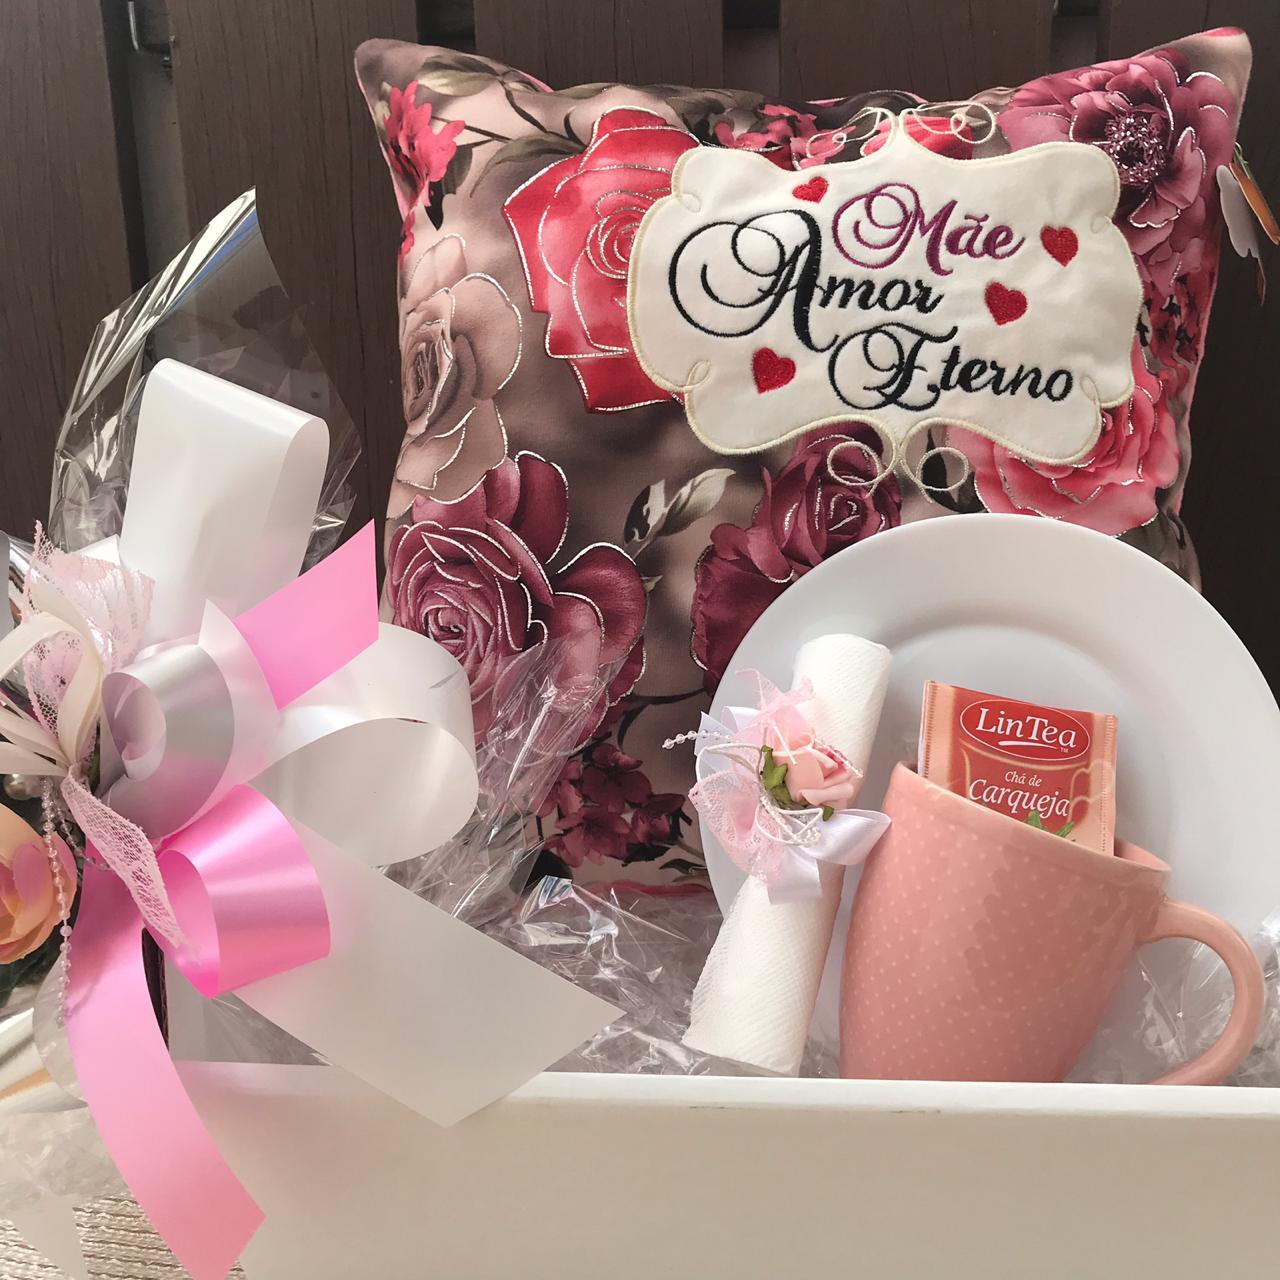 Kit Caneca Rosa com Almofada Mãe Amor Eterno